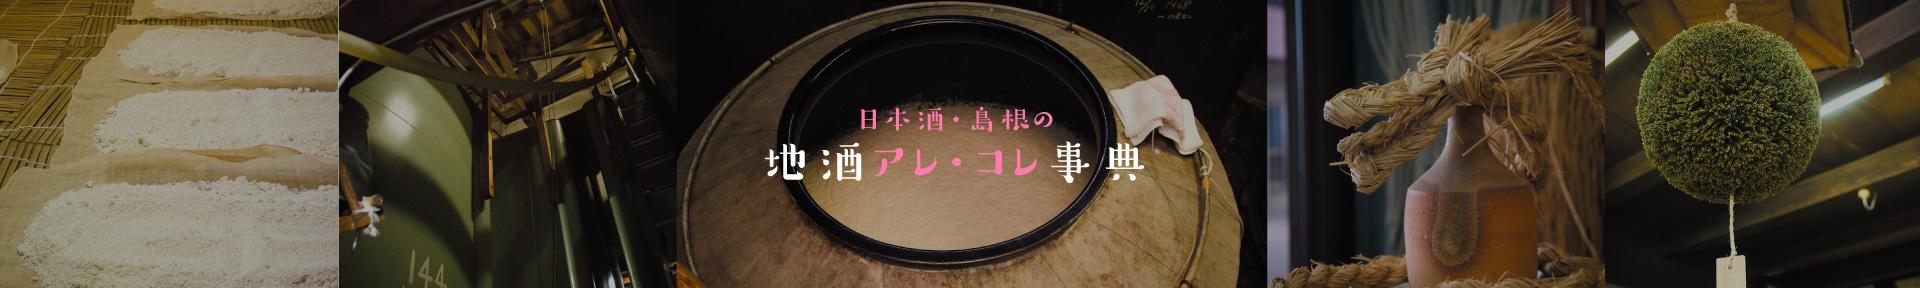 日本酒島根の地酒アコレコ事典 日本酒の豆知識